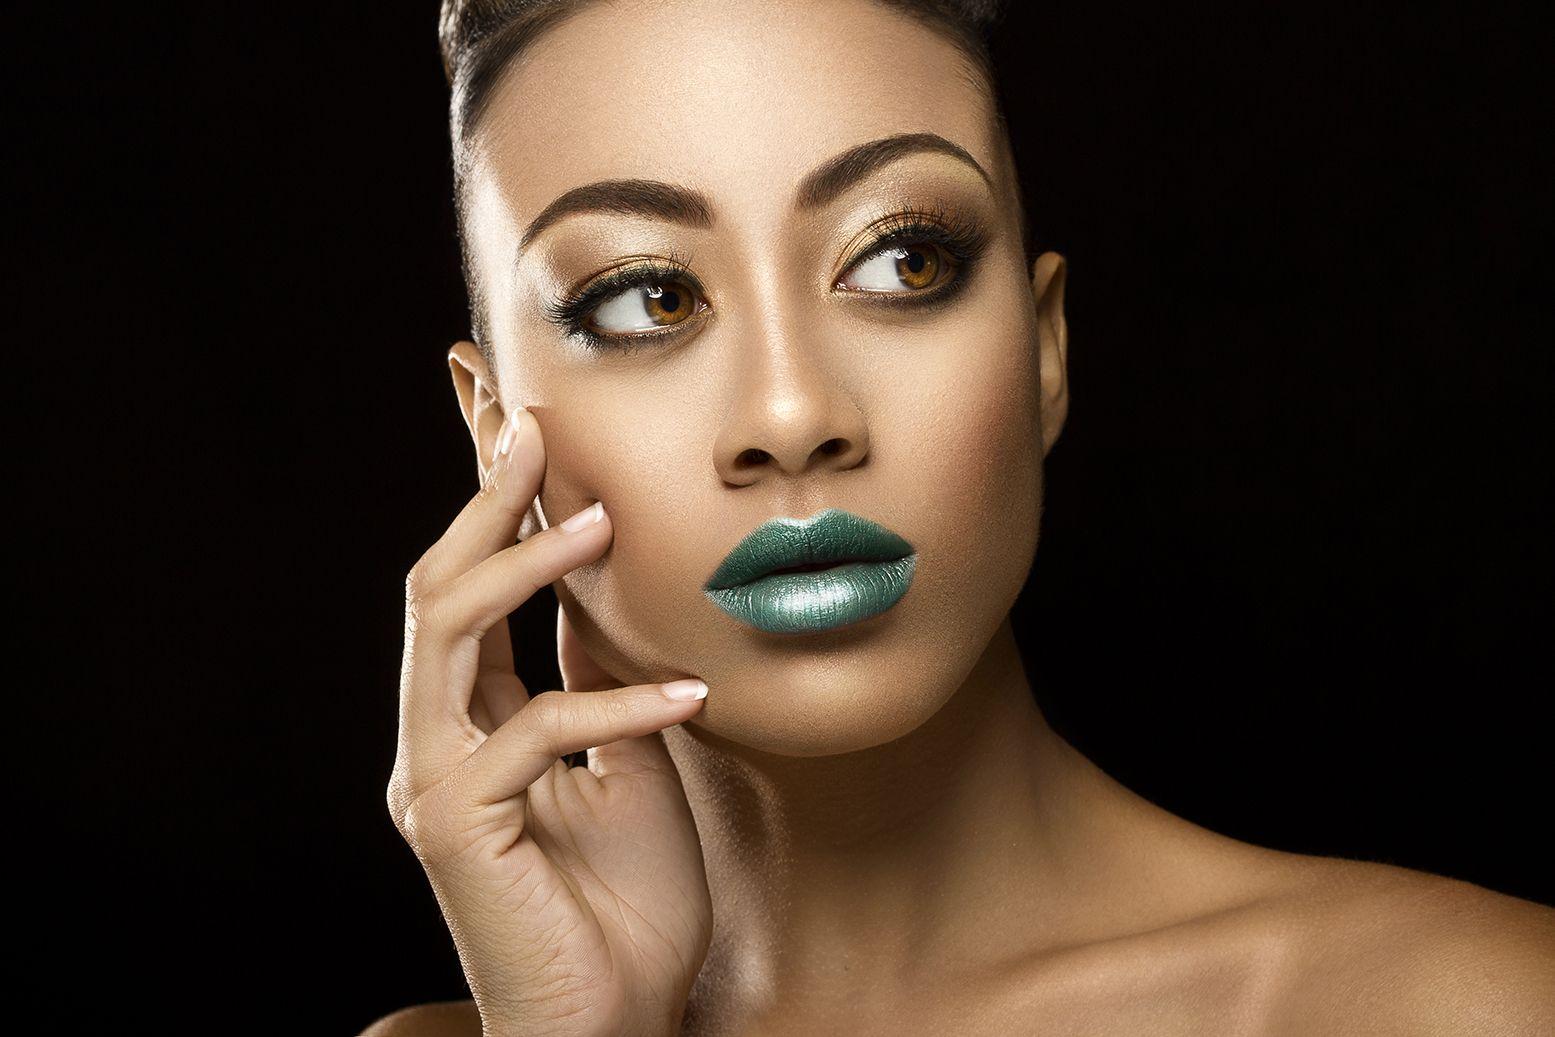 Makeup for black women, African American makeup, makeup